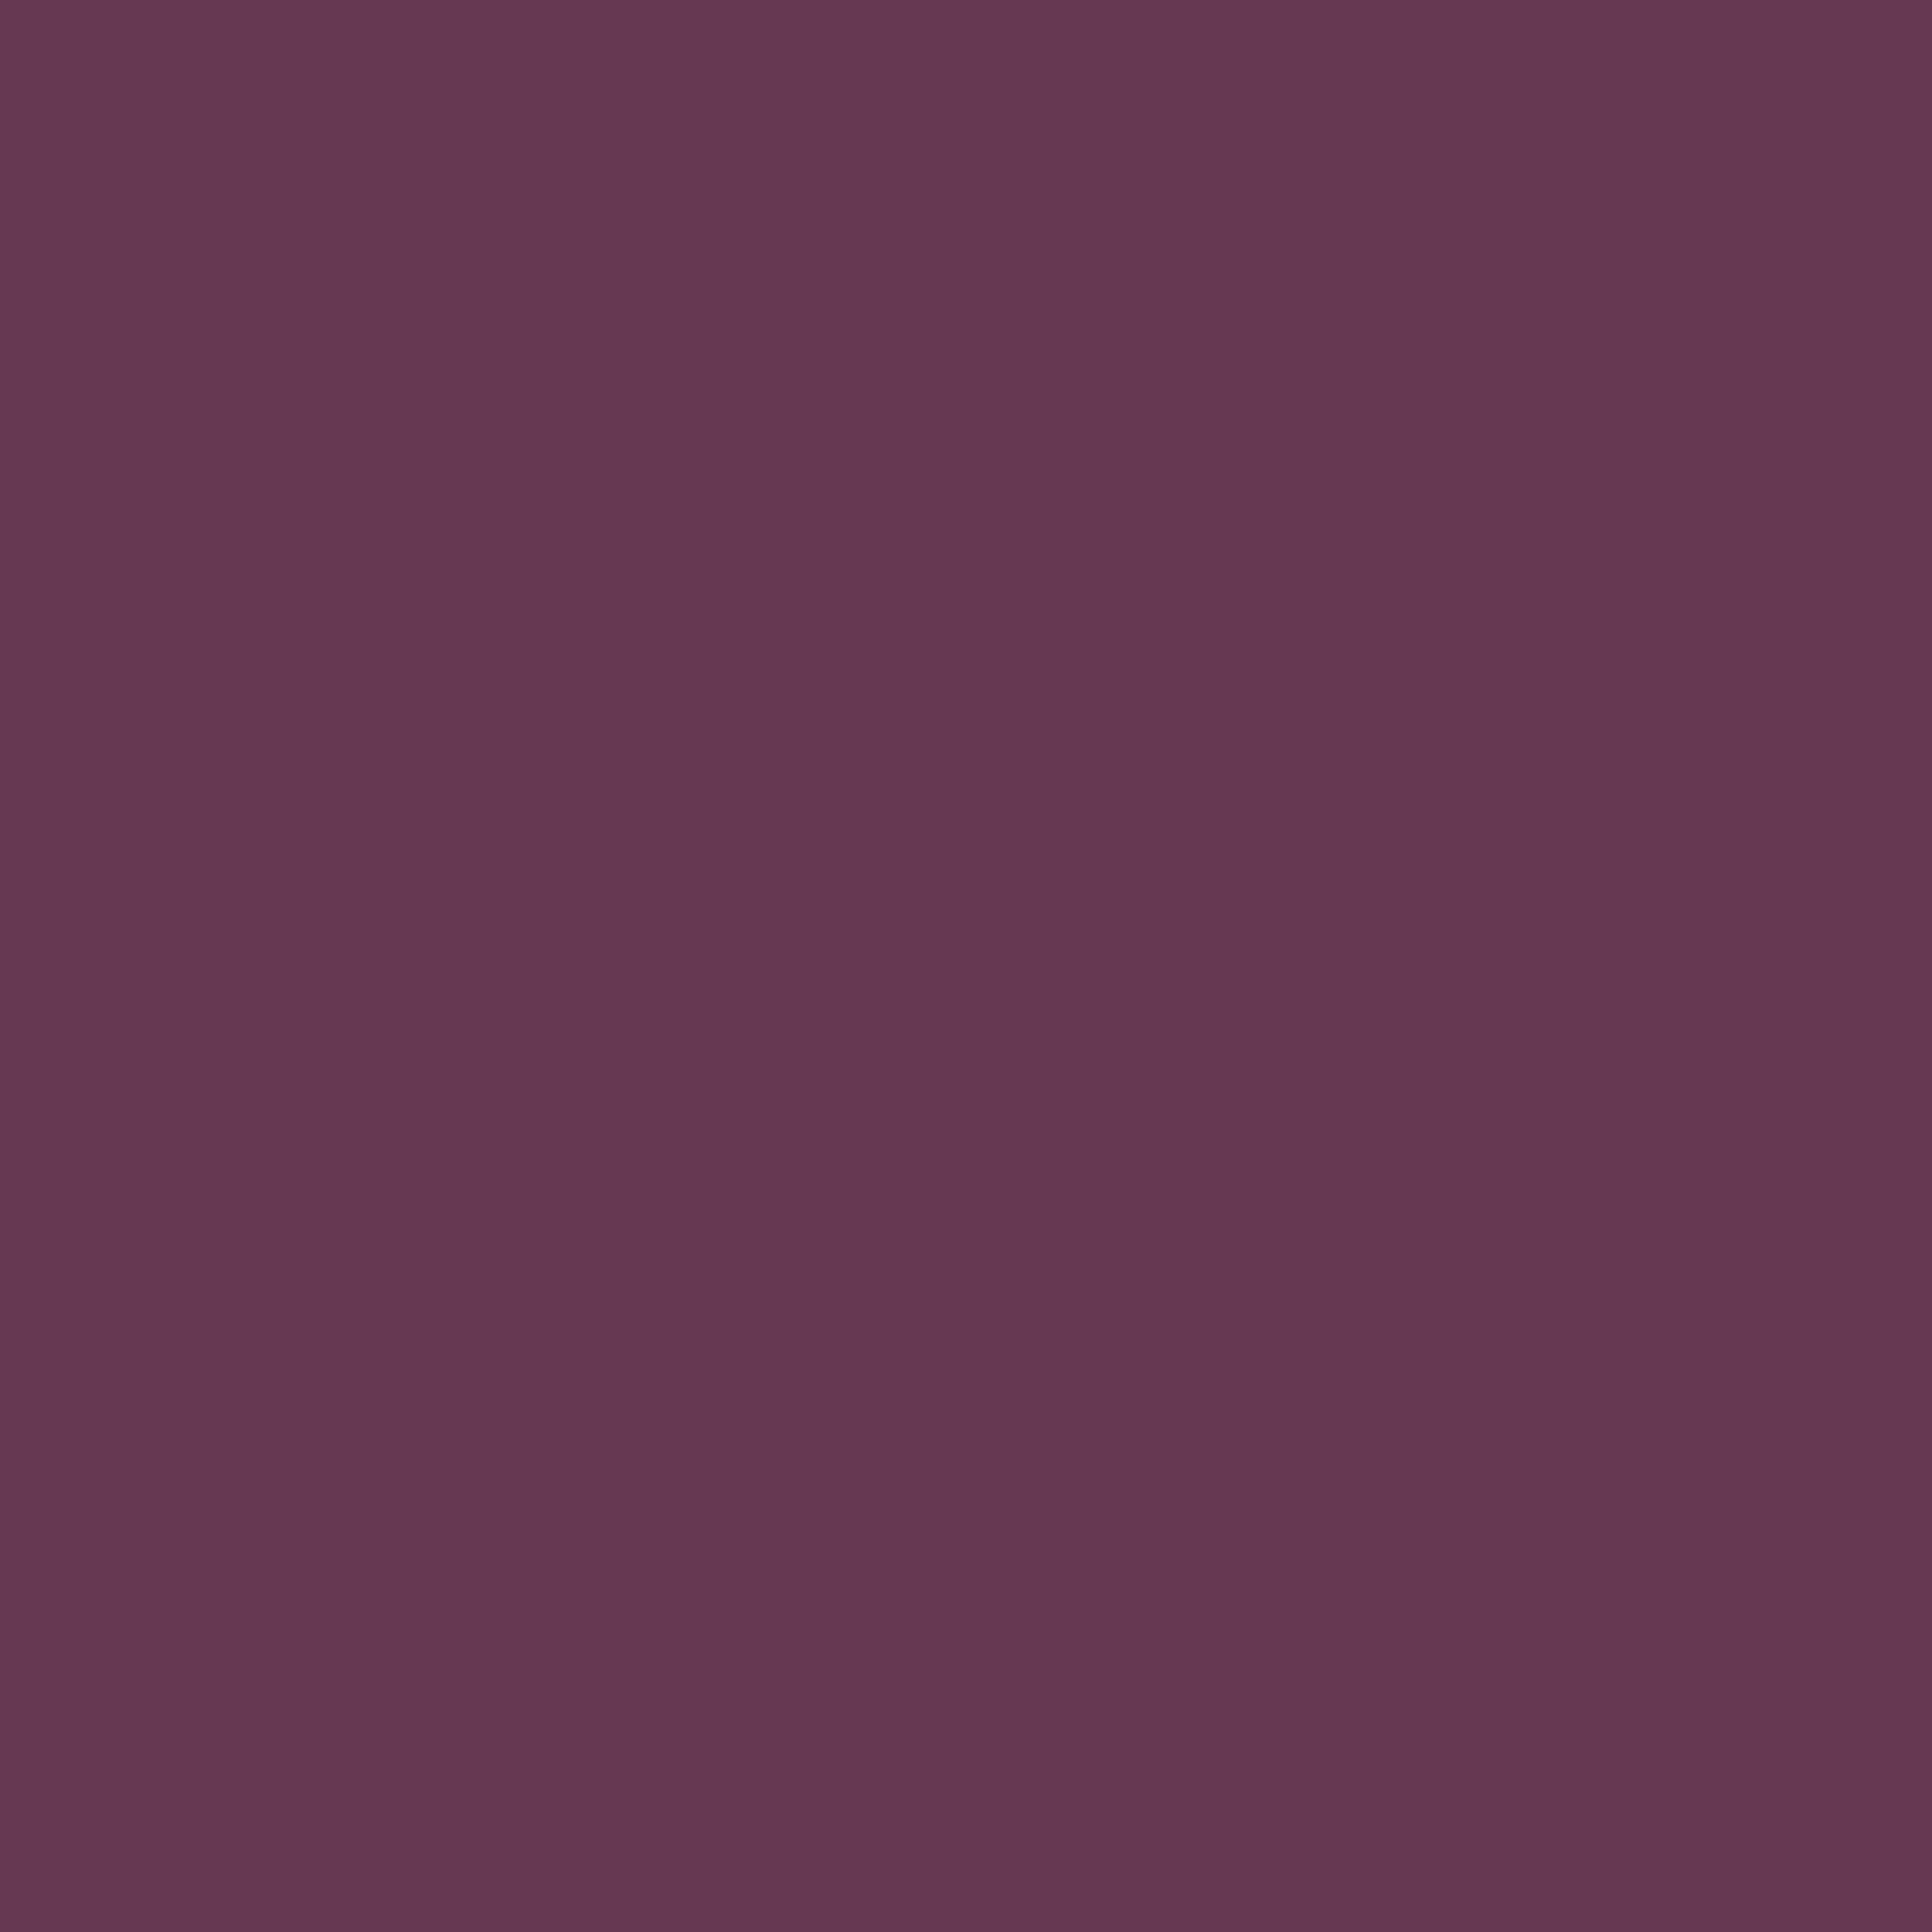 2732x2732 Halaya Ube Solid Color Background